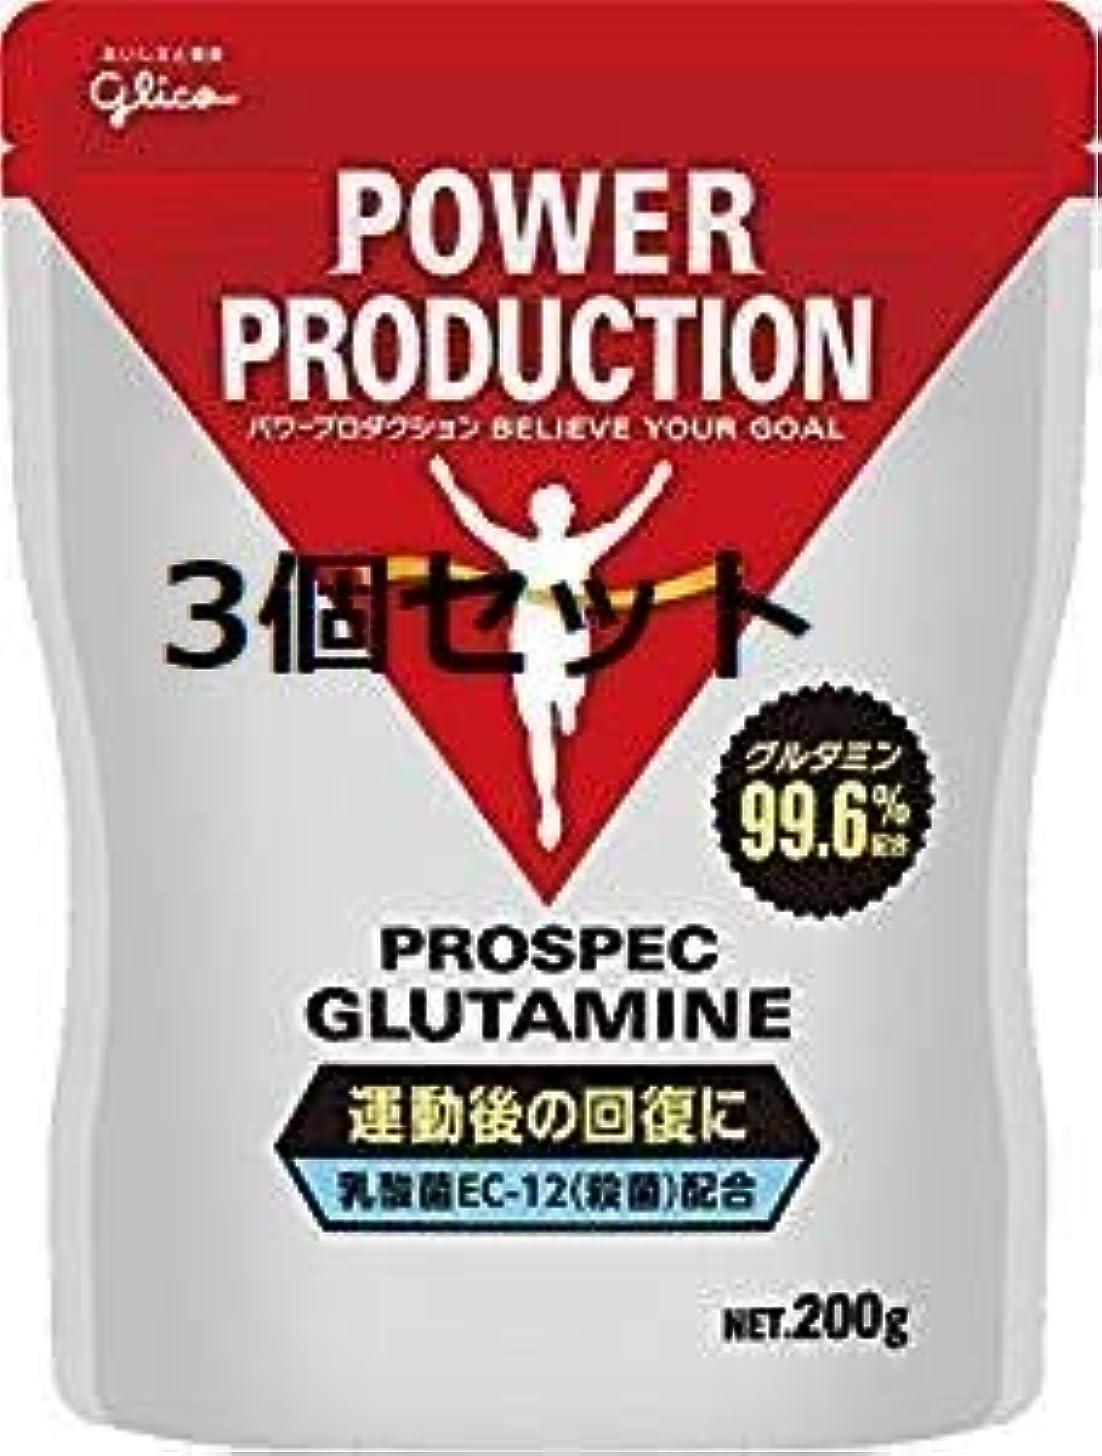 ミリメーター教会弾性【3個セット】グリコ アミノ酸プロスペックグルタミンパウダー PROSUPEC GLUTAMINE 200g Glico